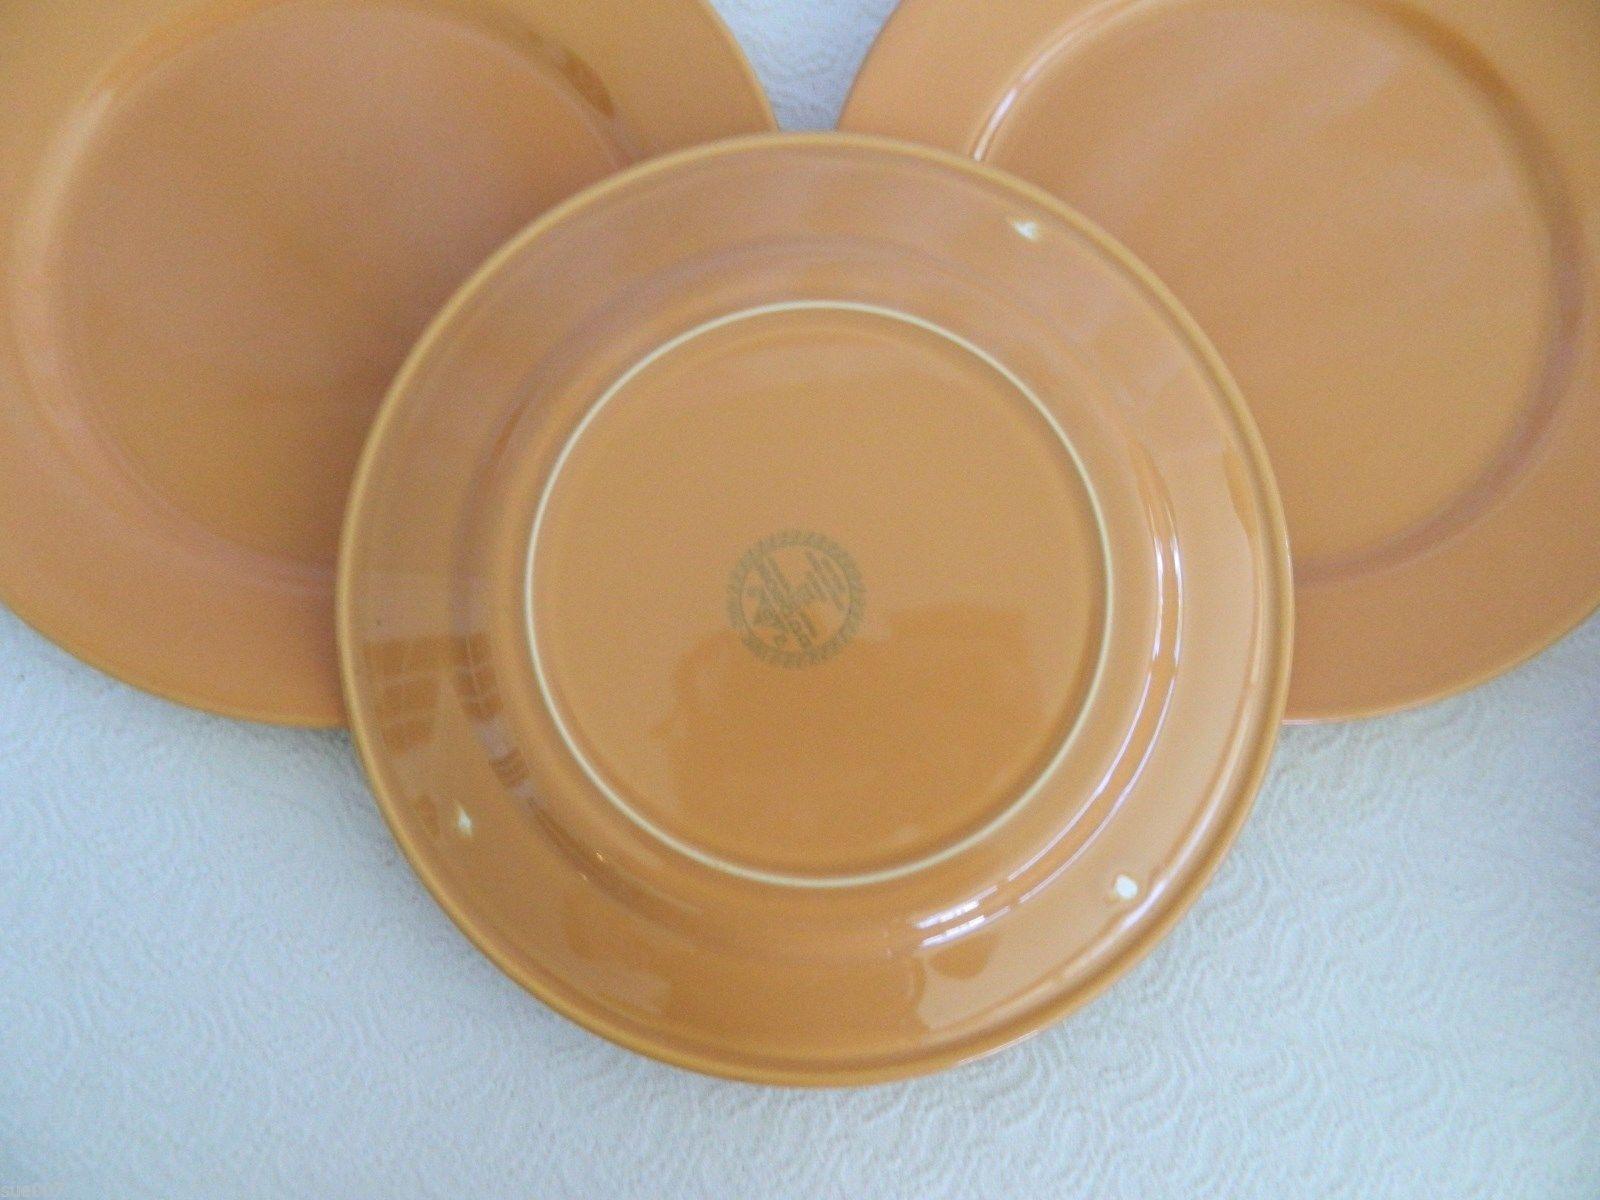 ... 9 Pcs Dudson Finest Vitrified Paintbox Burnt Orange Dinnerware Plates Bowls Cups ... & 9 Pcs Dudson Finest Vitrified Paintbox Burnt and 47 similar items